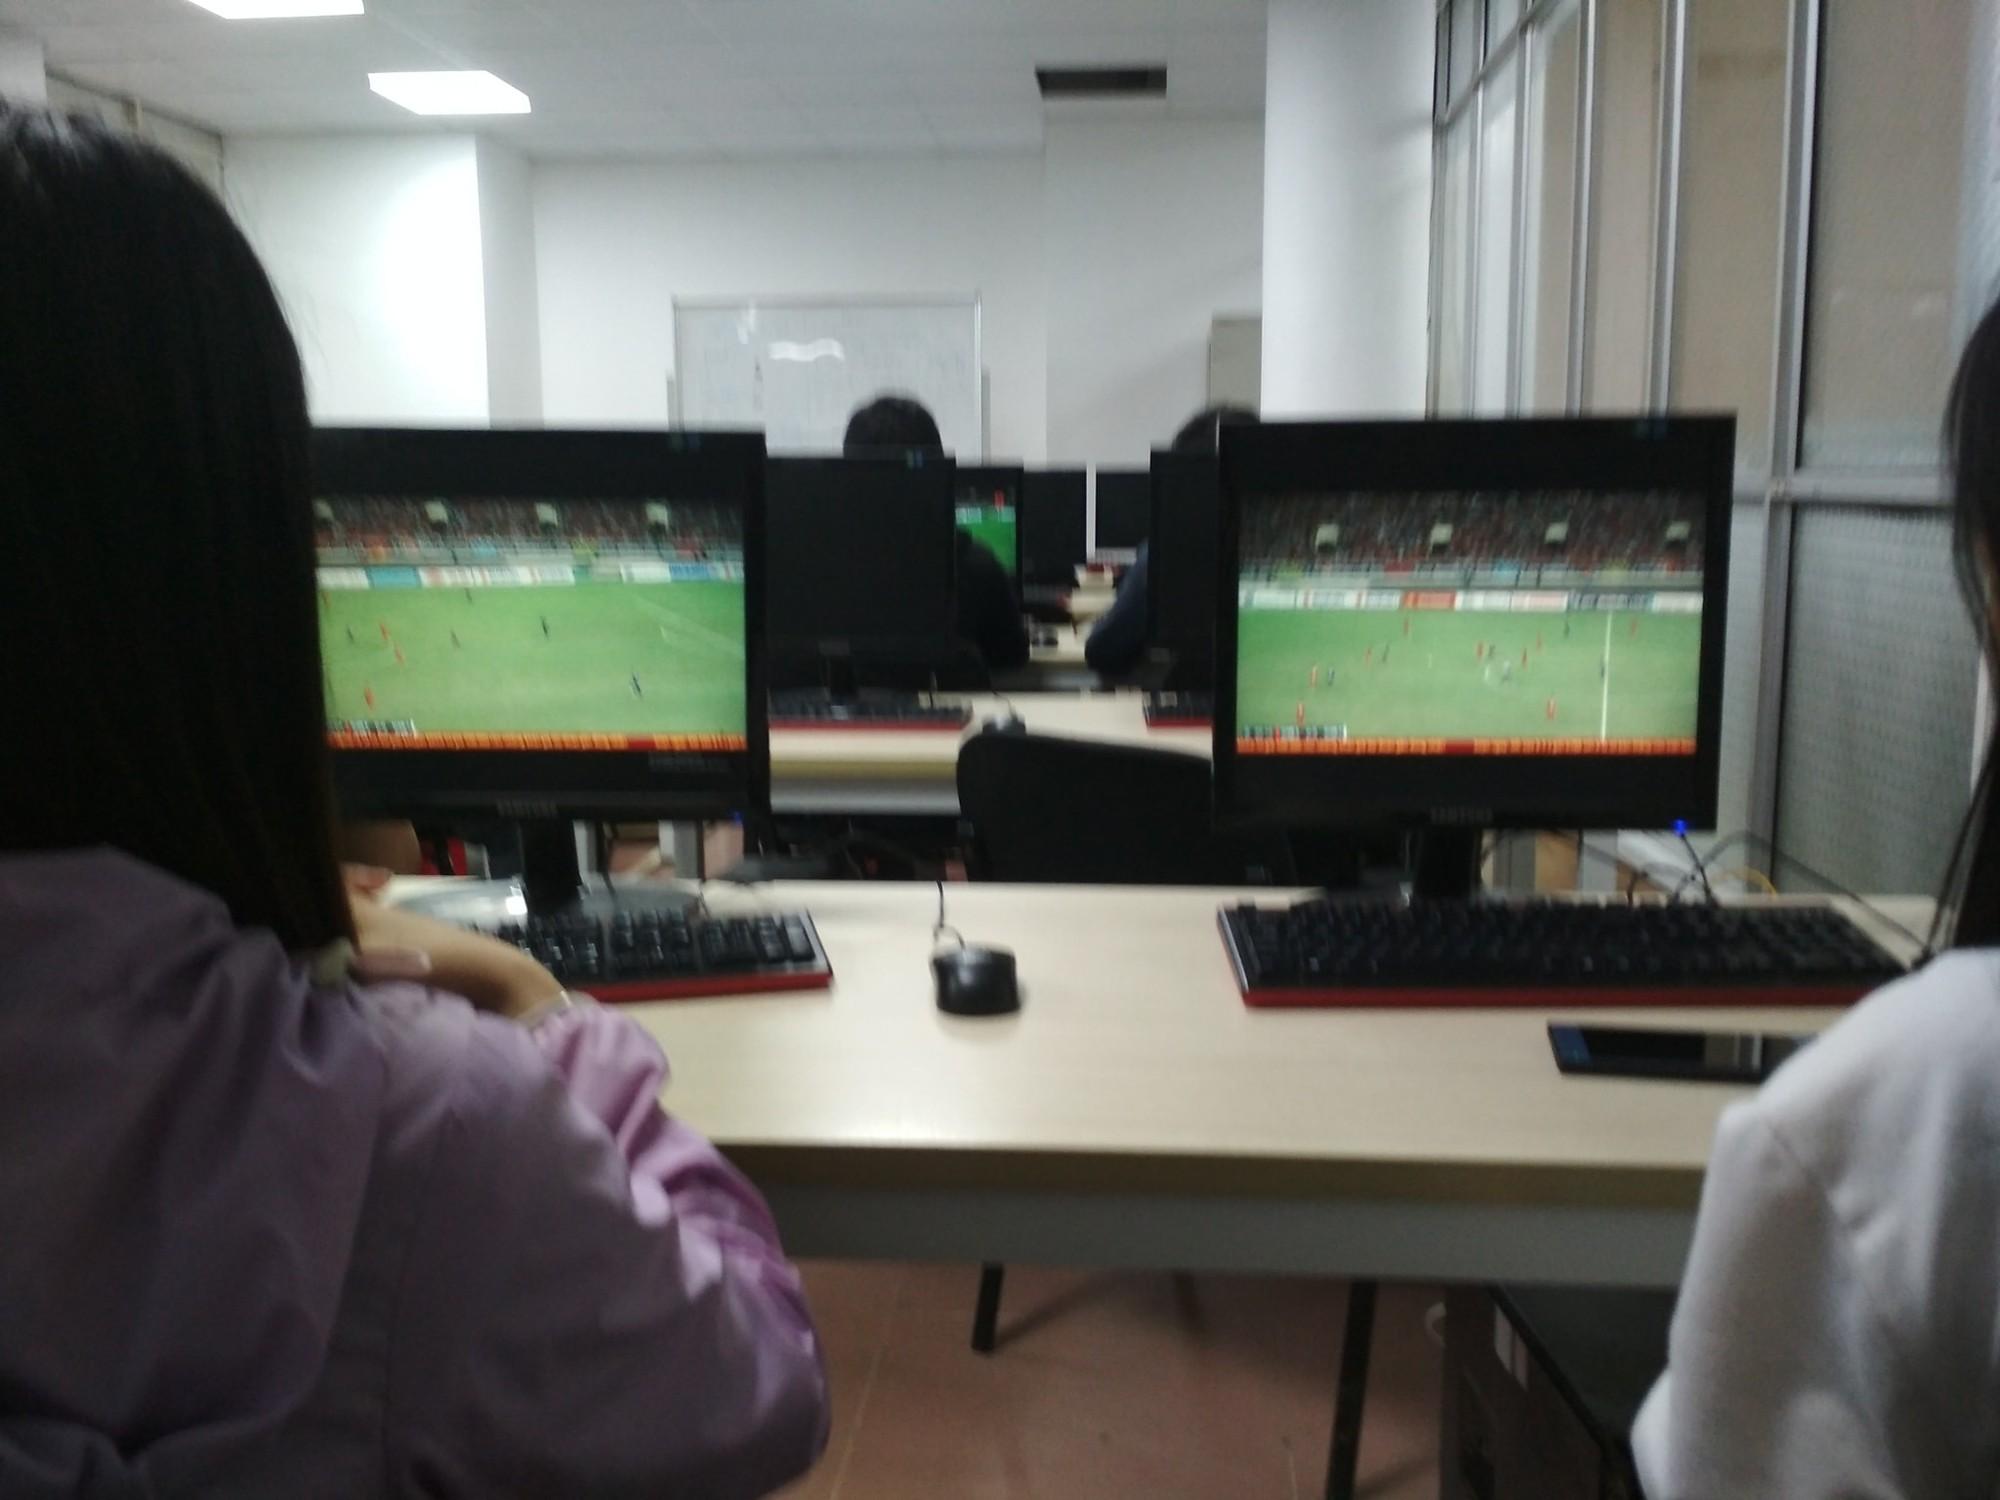 Bức ảnh chứng minh tình yêu bóng đá bất diệt của người Việt: Đi học nhưng Quang Hải, Công Phượng đá hay quá phải lén xem ủng hộ - Ảnh 2.